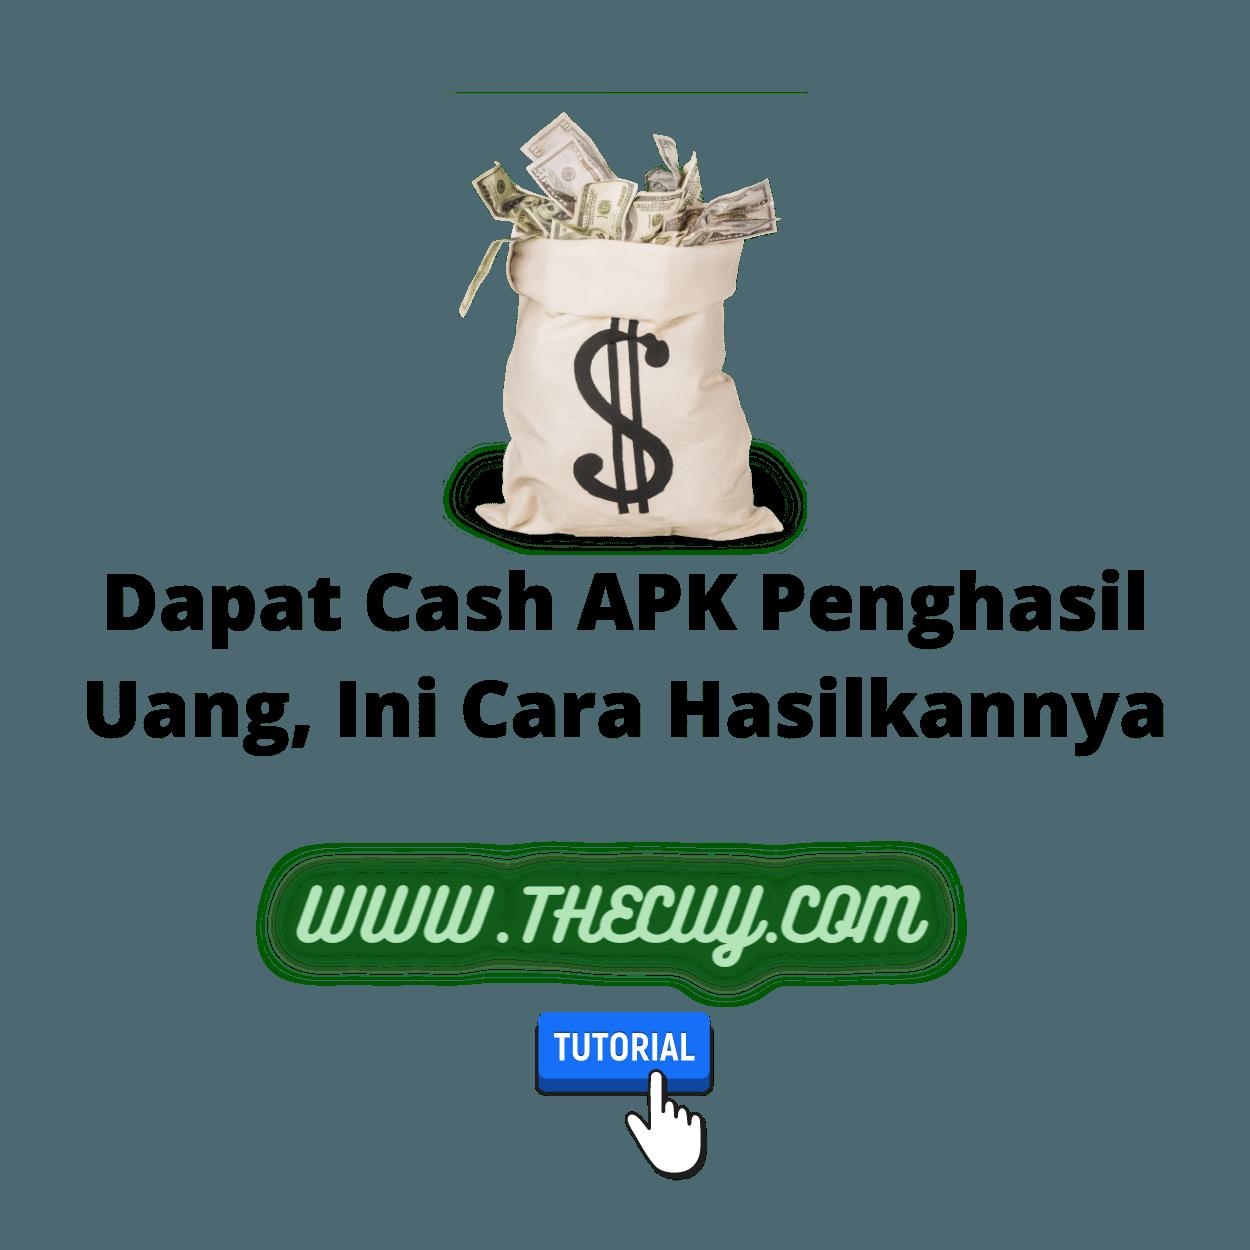 Dapat Cash APK Penghasil Uang, Ini Cara Hasilkannya